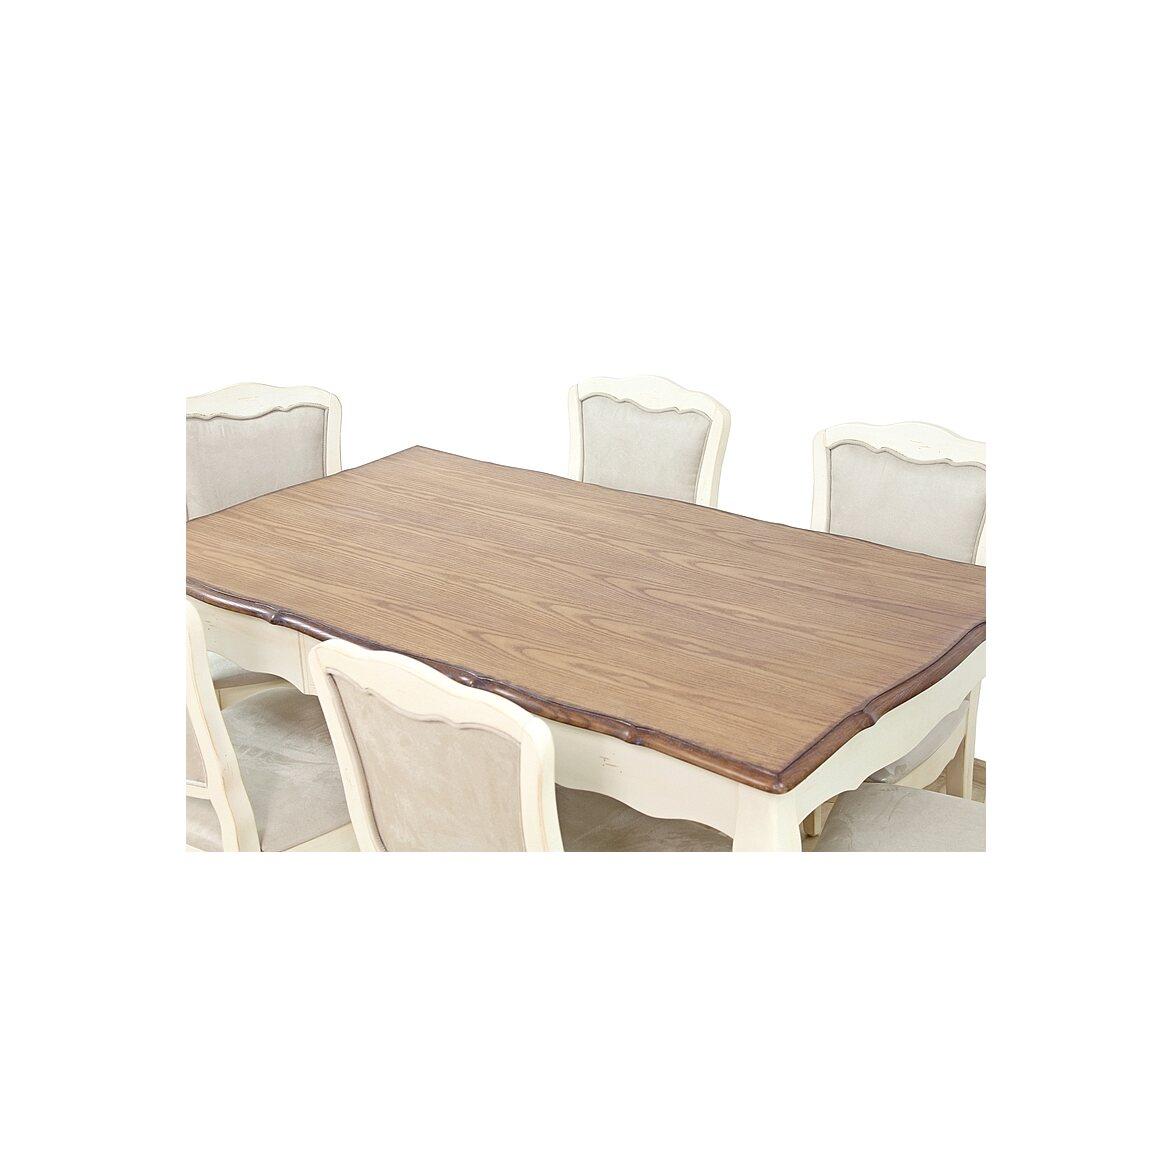 Обеденный стол (малый) Leontina, бежевого цвета 6 | Обеденные столы Kingsby